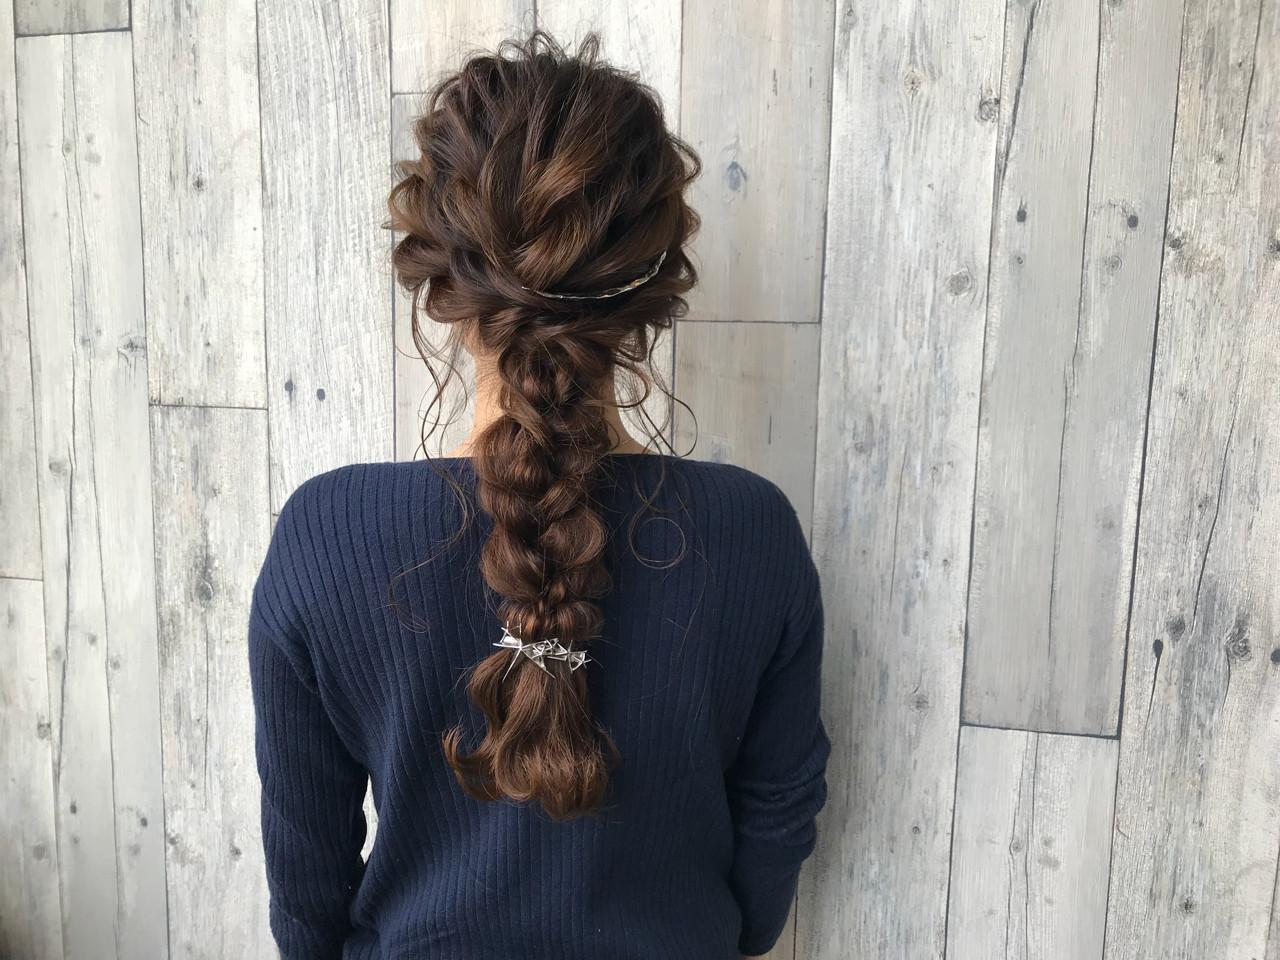 イルミナカラー ナチュラル 結婚式 編み込み ヘアスタイルや髪型の写真・画像 | 宇渡 裕一 / Lillie hair&spa